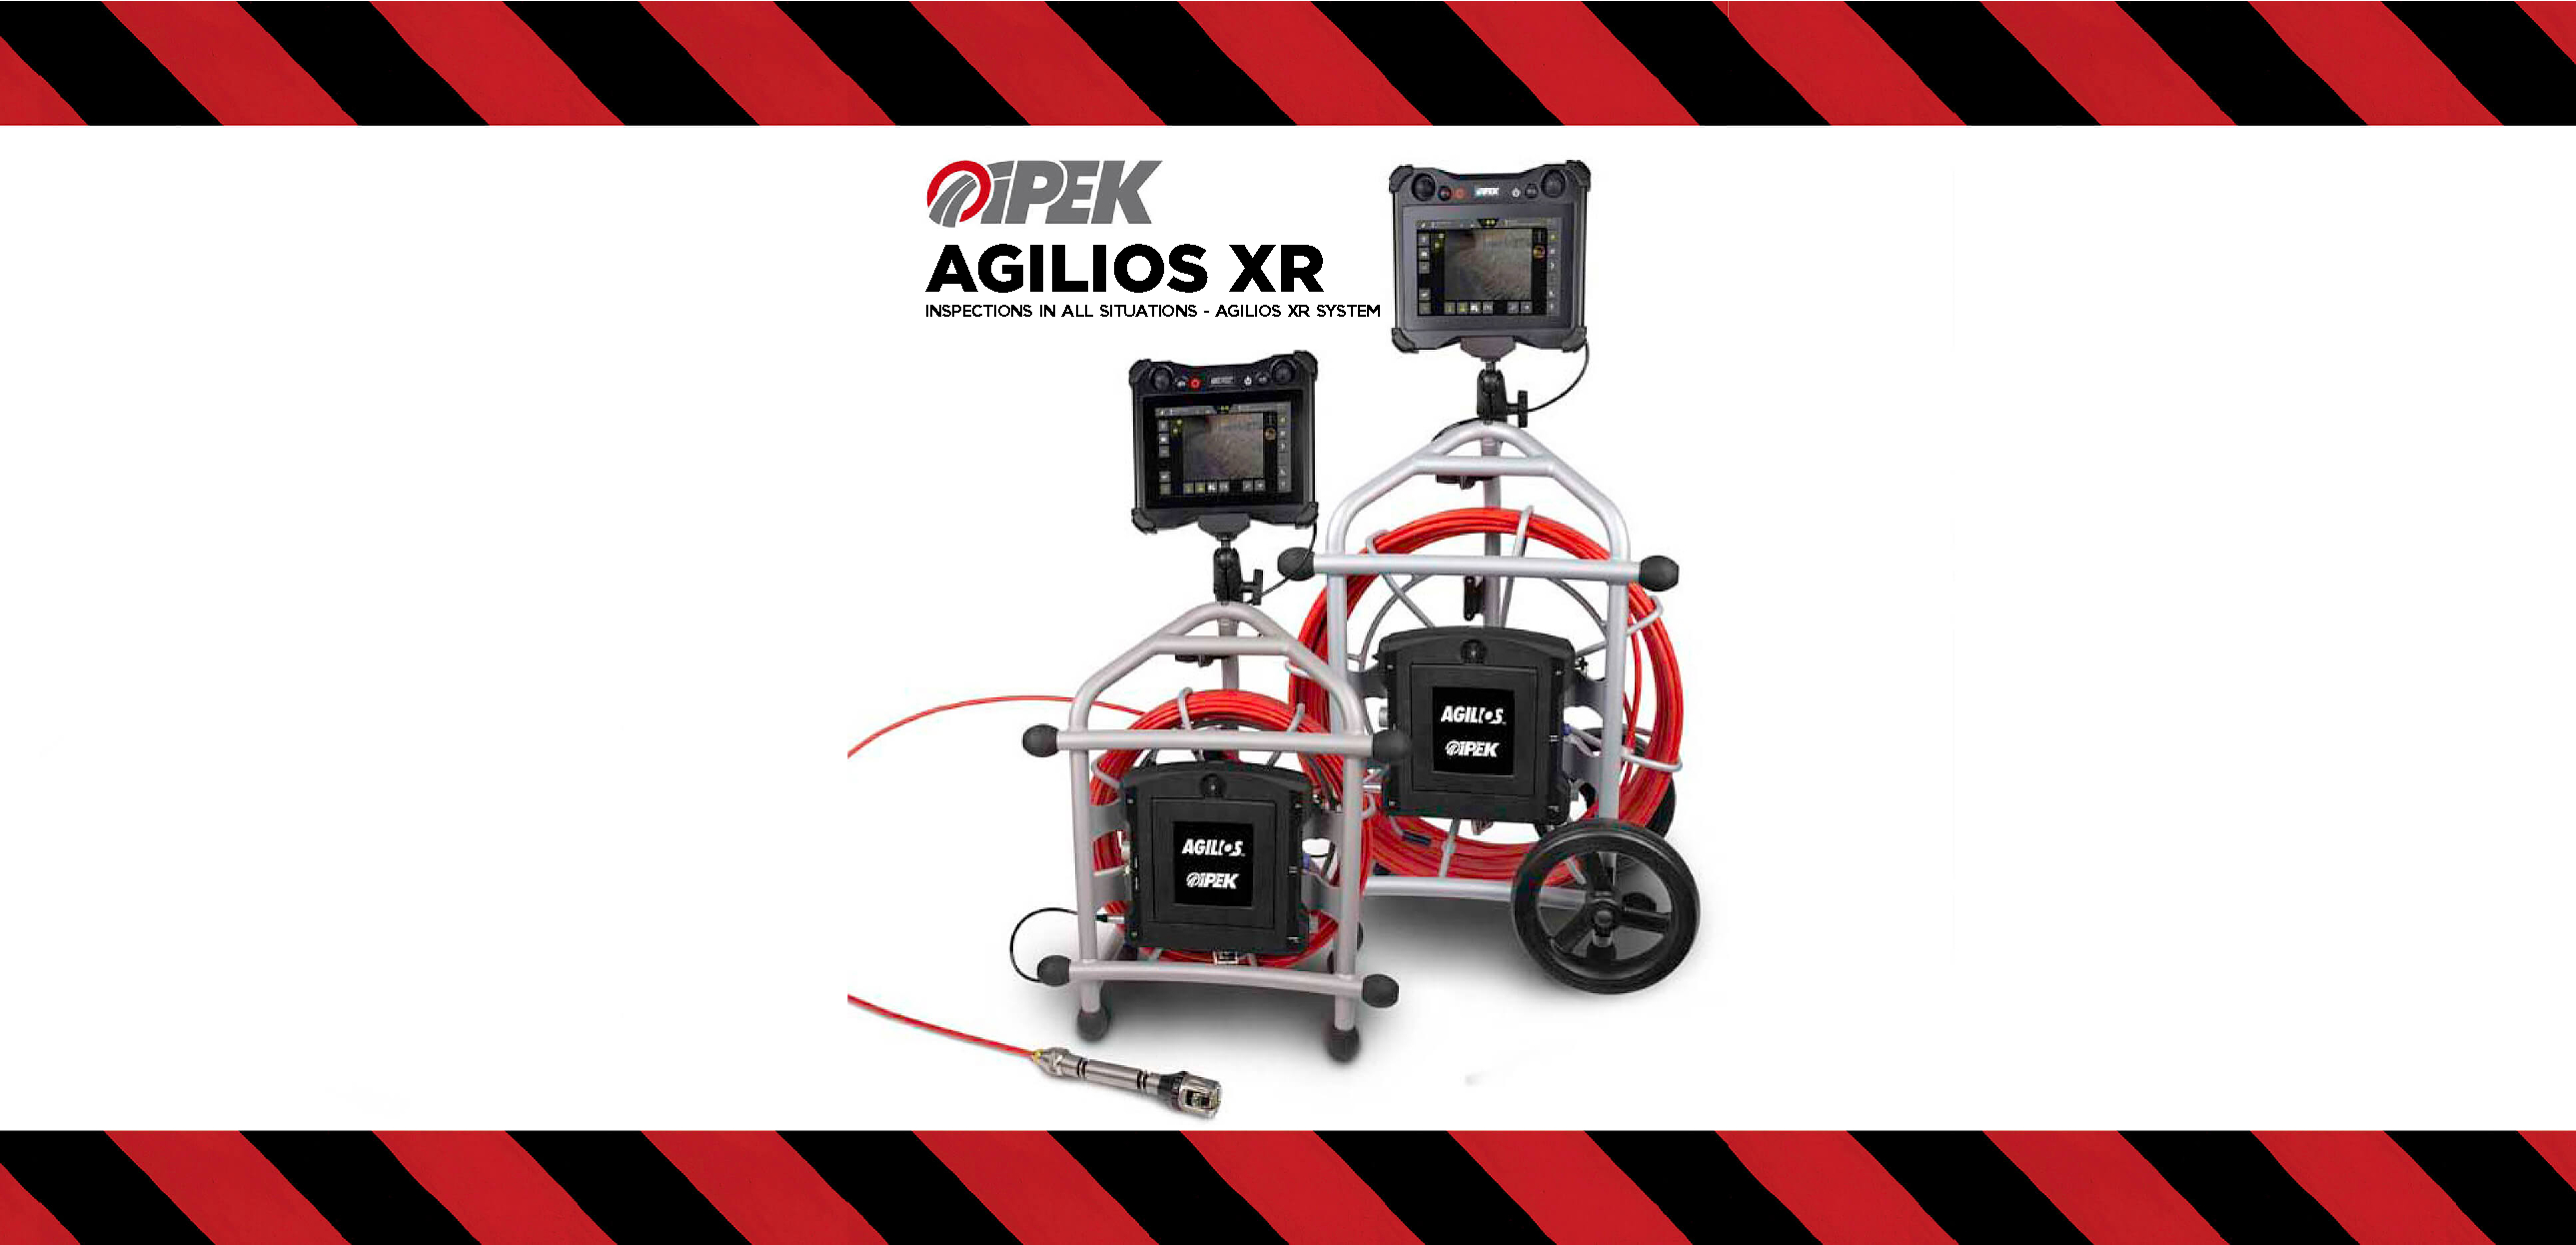 The New IPEK Agilios XR Systems